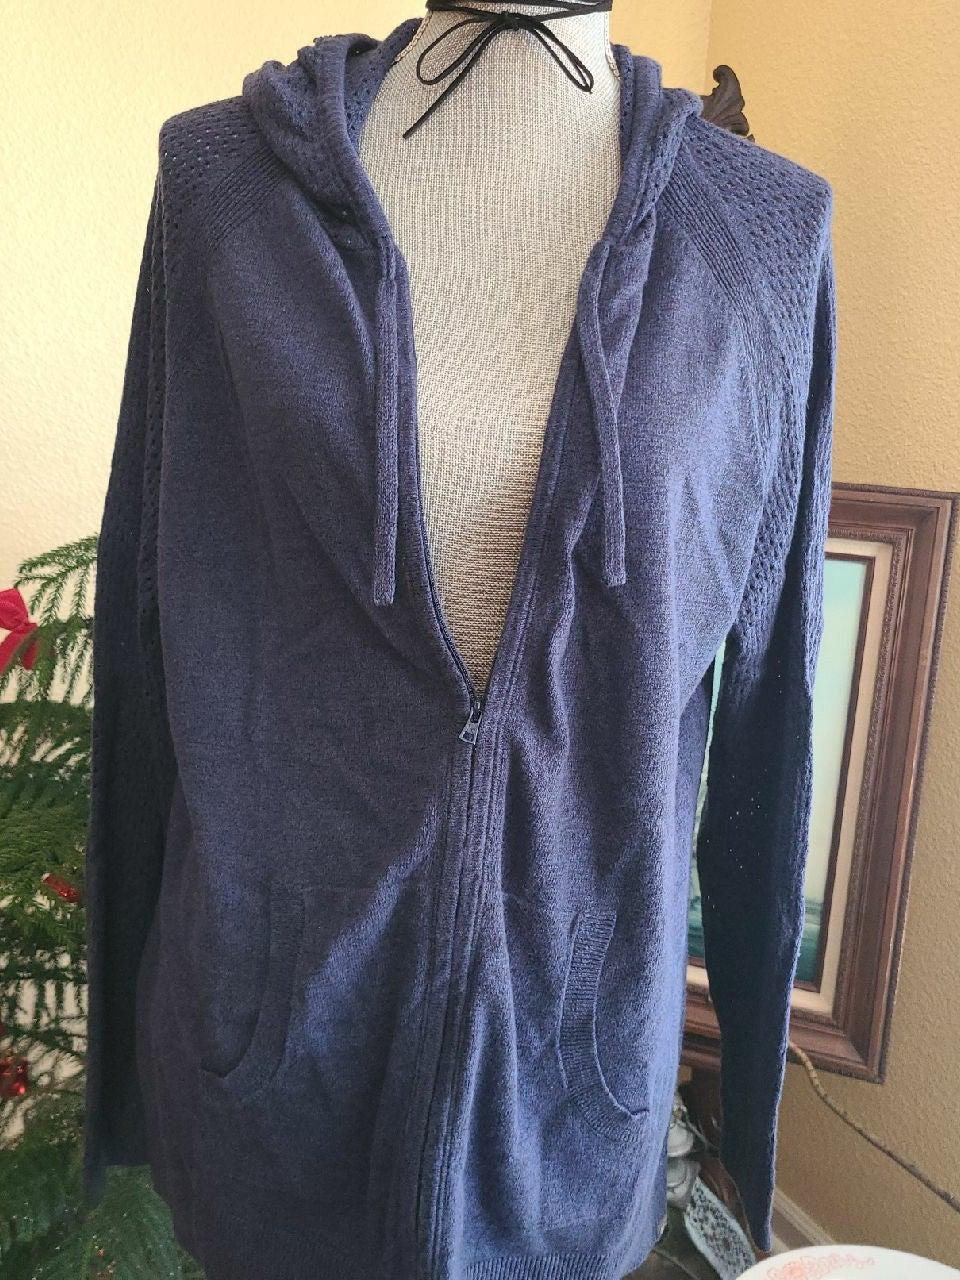 Eddie Bauer lightweight sweater